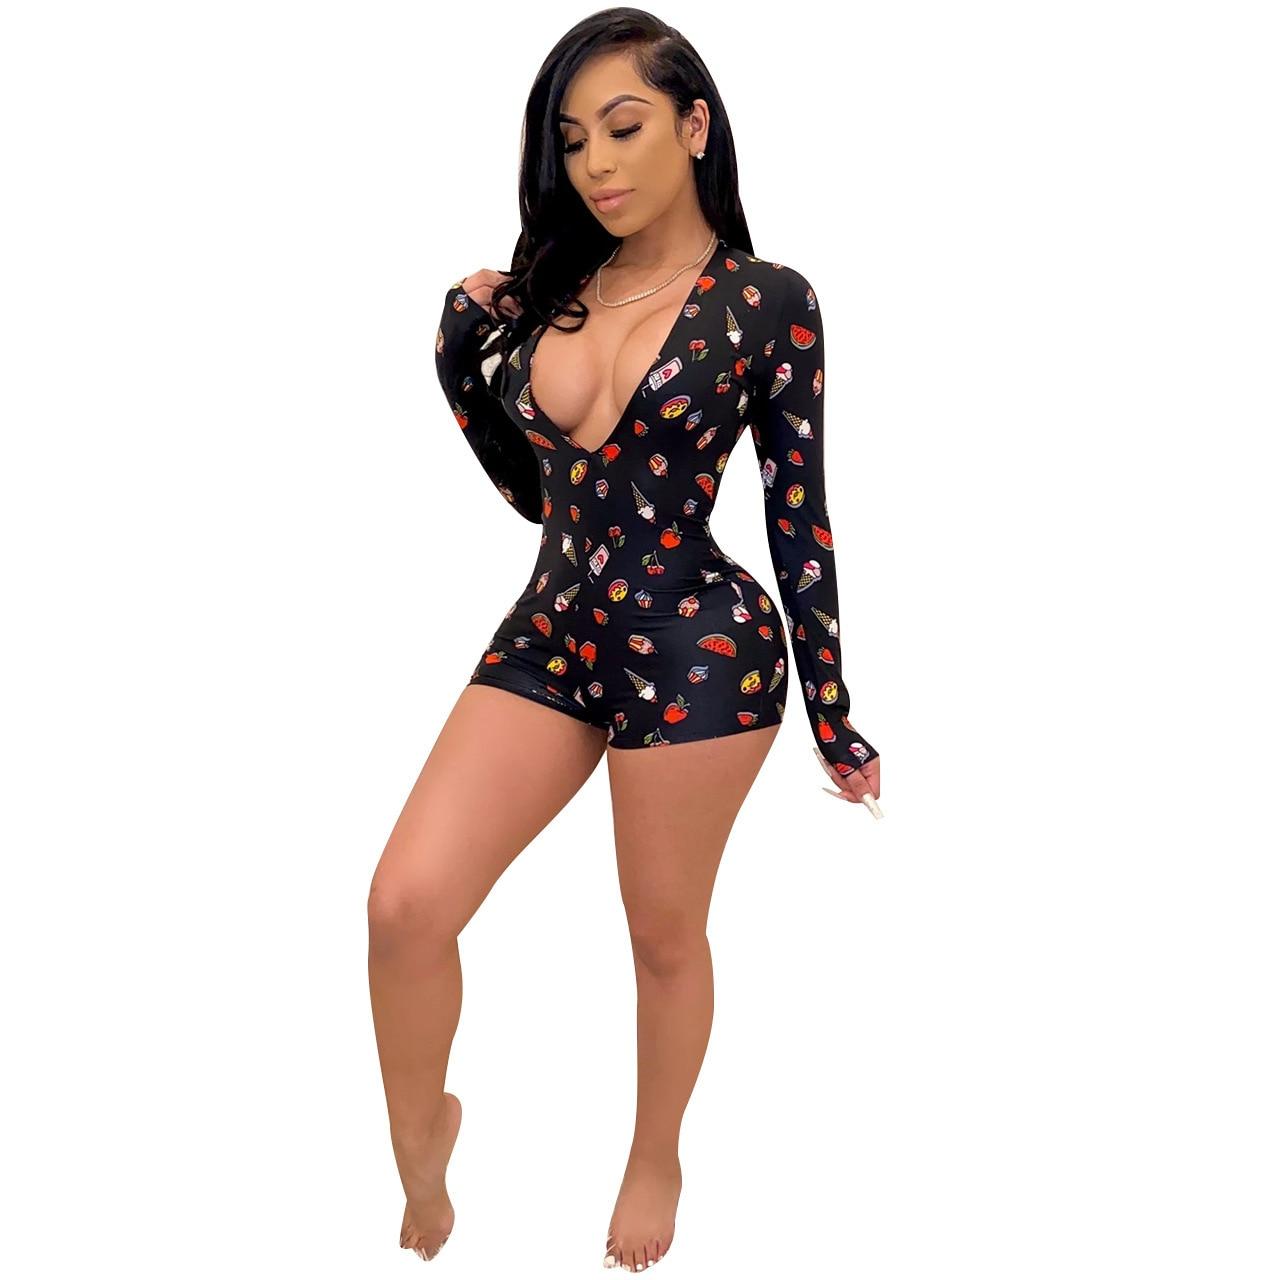 Осень 2020 одежда для сна Женская бархатная плюшевая Пижама цельный белый топ с